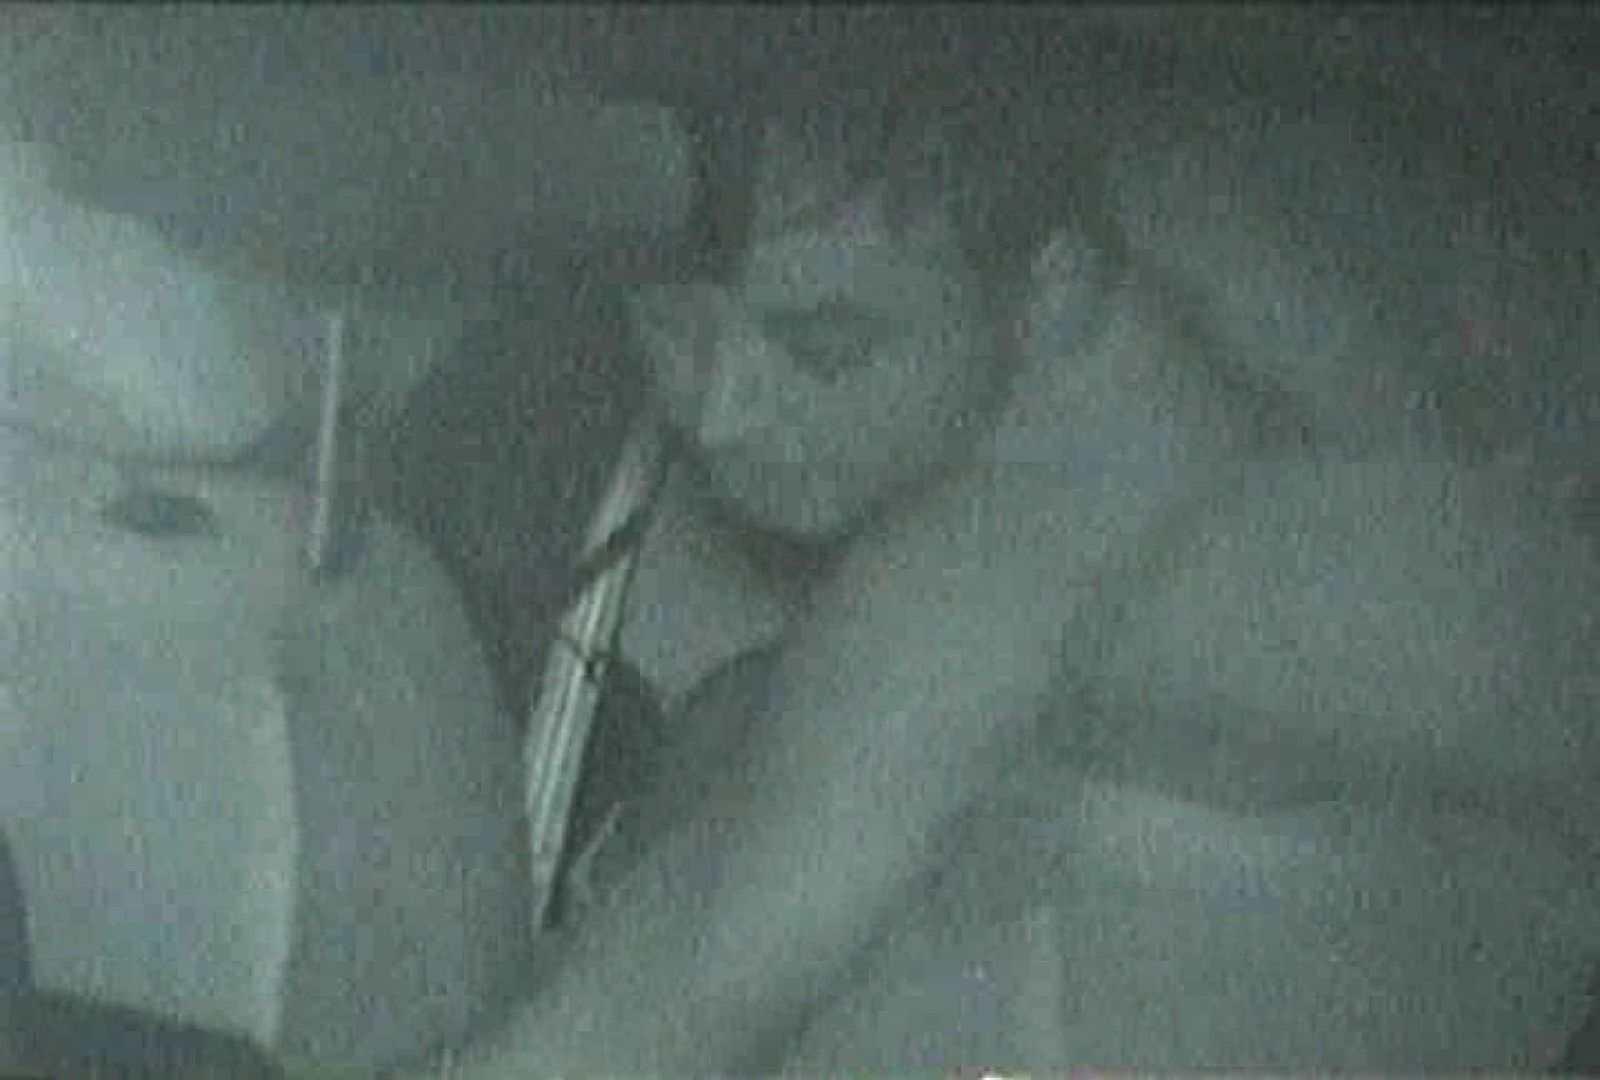 充血監督の深夜の運動会Vol.99 ギャルのエロ動画 | カップル盗撮  87画像 65